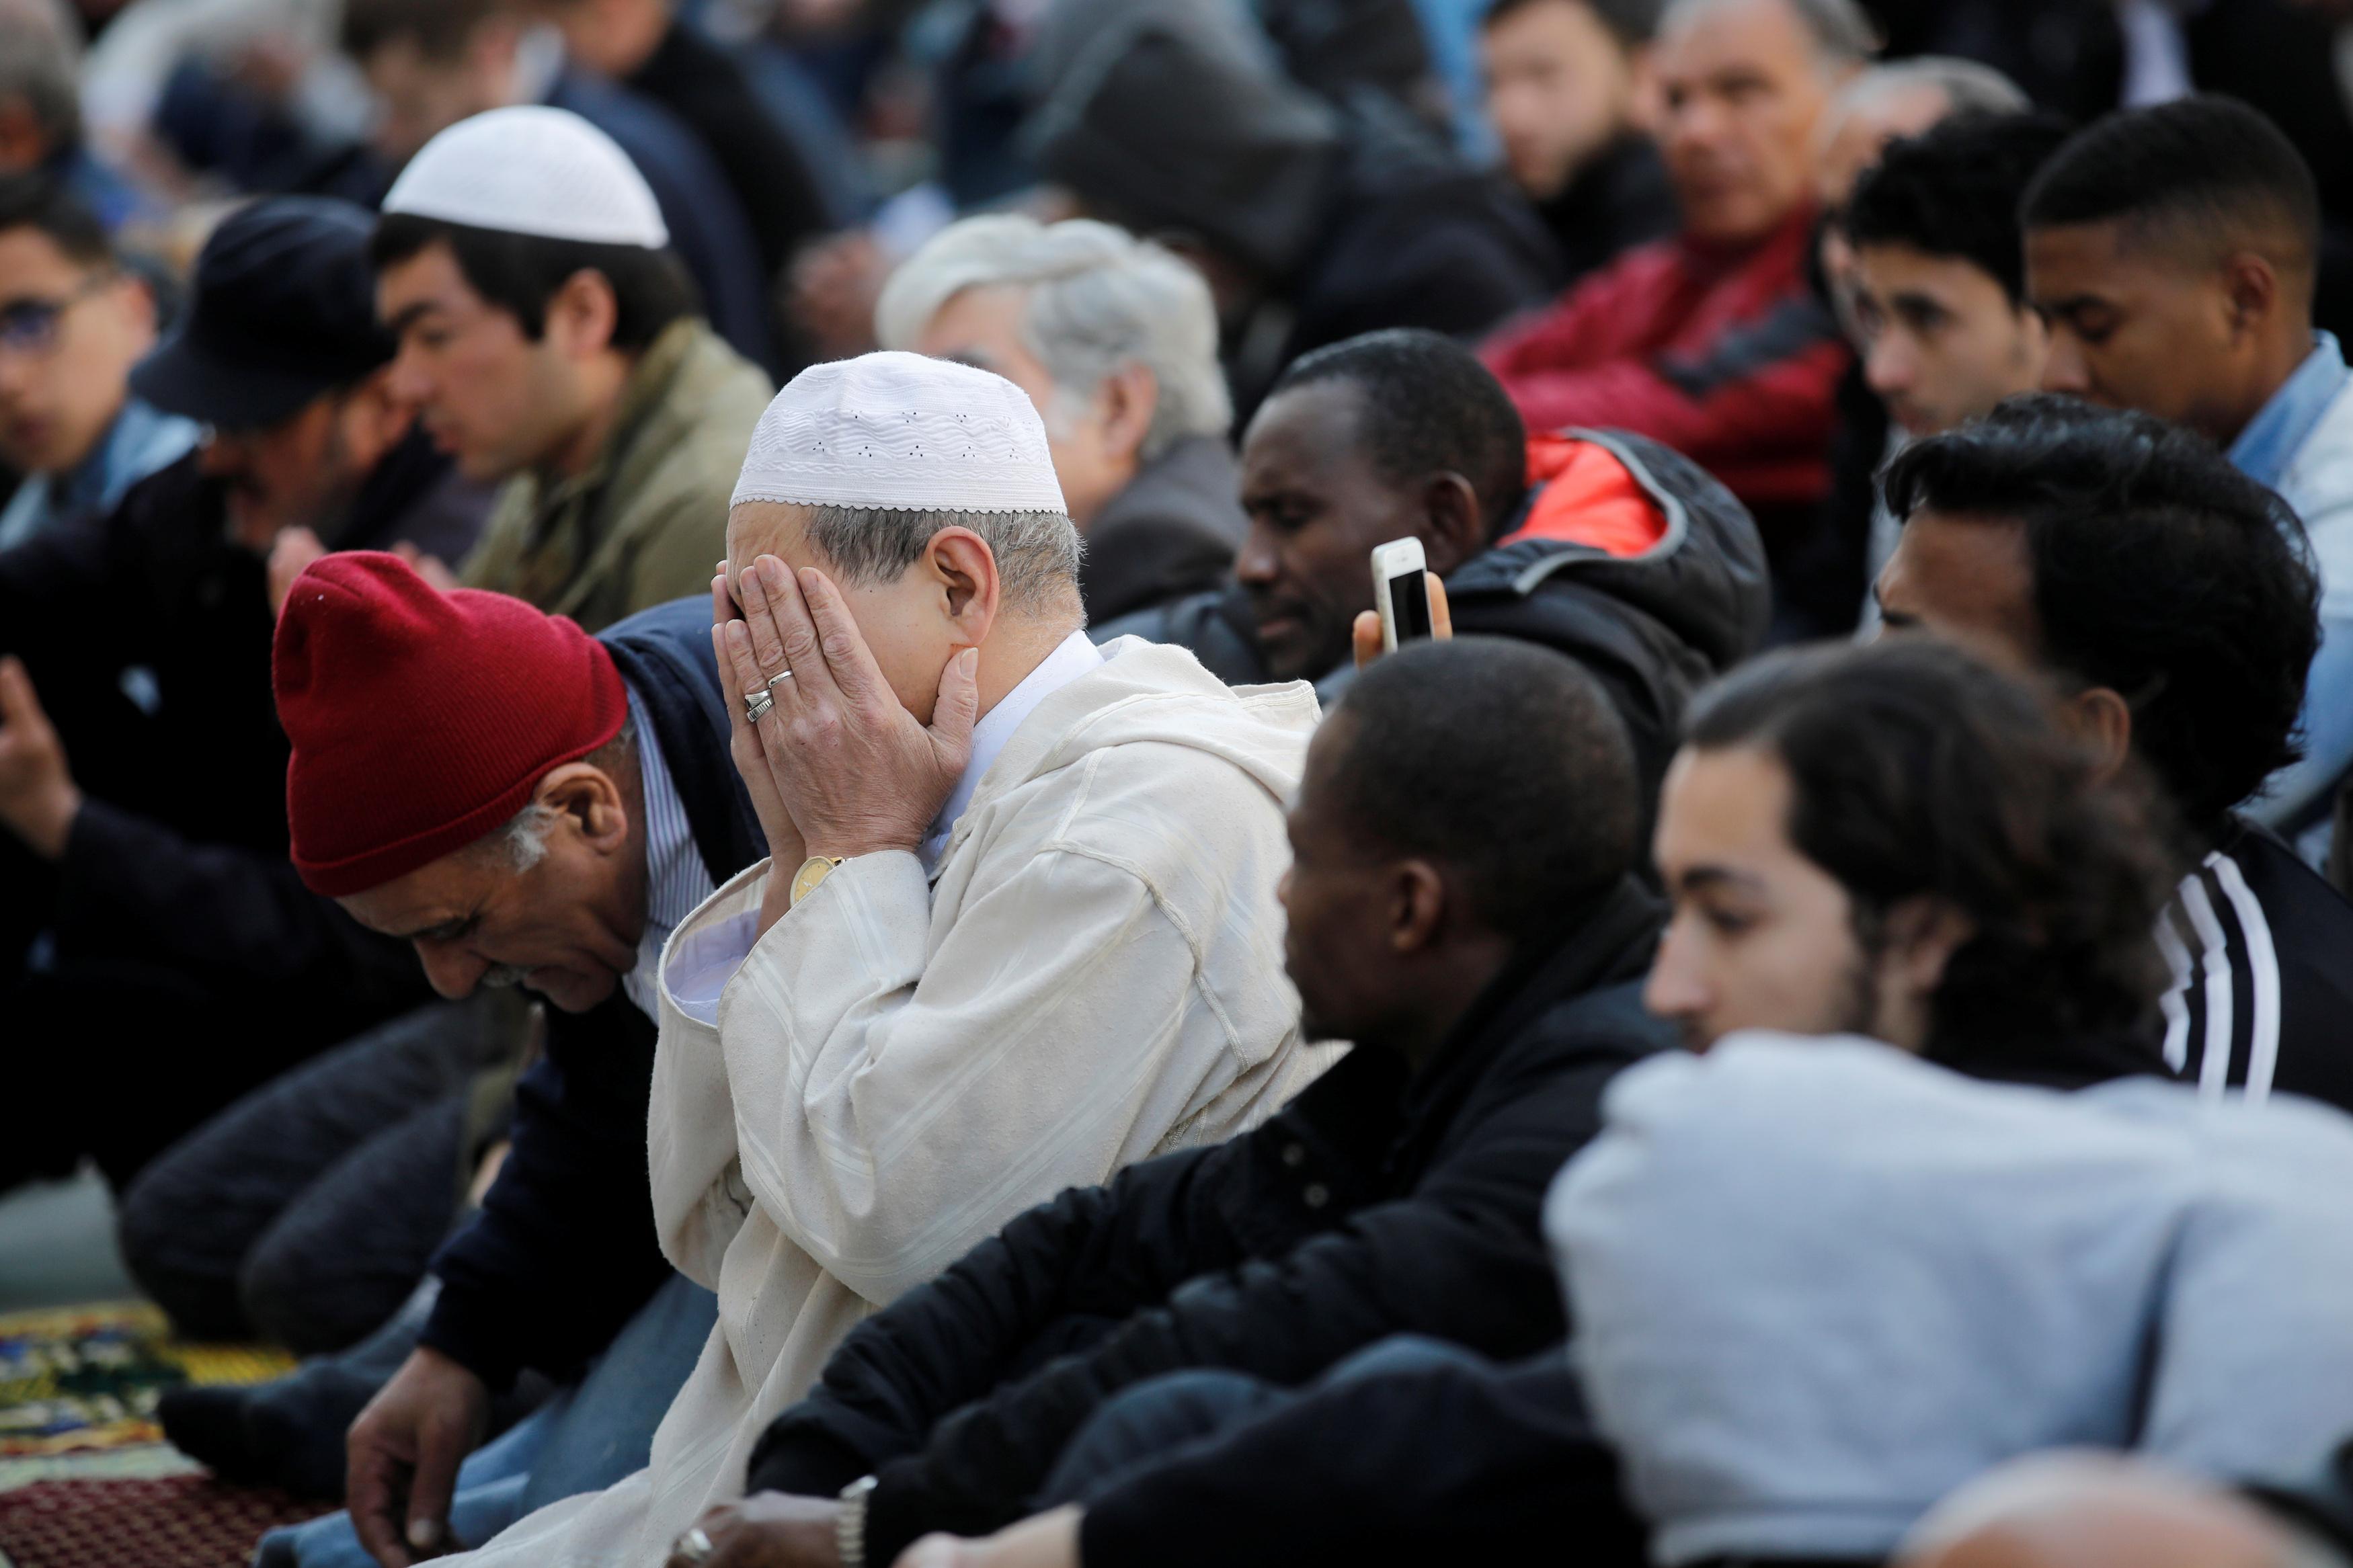 """PARIS (Reuters) - Une manifestation contre l'islamophobie prévue dimanche à Paris embarrasse le monde politique et syndical français, ajoutant au malaise ambiant sur le principe de laïcité en France. Un trouble alimenté par la résurgence du débat sur le port du voile islamique, la lutte contre le communautarisme et le durcissement de la politique migratoire du gouvernement. La marche dominicale, qui partira de la gare du Nord, fait suite à une tribune publiée dans Libération et signée d'une cinquantaine de personnalités, dont la totalité des députés La France insoumise, le fondateur du parti Génération.s Benoît Hamon, l'élu communiste Ian Brossat et le secrétaire général de la CGT, Philippe Martinez. Aucune signature socialiste en revanche. """"Nous ne voulons pas nous associer à certains des initiateurs de l'appel"""", a expliqué le parti dans un communiqué en référence aux organisateurs de la manifestation parisienne, le Collectif contre l'islamophobie en France (CCIF), groupement aux activités controversées soupçonné d'être proche de la mouvance islamiste des Frères musulmans. Certains termes de la tribune font aussi débat, comme la mention de """"lois liberticides"""" vis-à-vis des musulmans. """"Je ne valide pas l'ensemble du texte"""", a dit sur franceinfo l'eurodéputé Yannick Jadot, pourtant signataire de la tribune. MARCHE ARRIÈRE D'autres ont fait aussi marche arrière, tel le député Insoumis François Ruffin, qui a reconnu sur France Inter ne pas avoir pesé les termes du texte avant de signer et son collègue Alexis Corbière, qui a dit au Figaro penser que """"la Ligue des droits de l'Homme était à l'initiative de la démarche"""". """"Cet appel, il était insignable pour nous, très clairement"""", a déclaré pour sa part vendredi sur RTL le secrétaire général de la CFDT, Laurent Berger. """"Moi je ne signe jamais sans avoir lu."""" Le Parti communiste appelle à manifester dimanche, tout comme Génération.s, qui dénonce dans un communiqué """"le climat actuel de violence et de rejet."""" Chez Europe Ecol"""